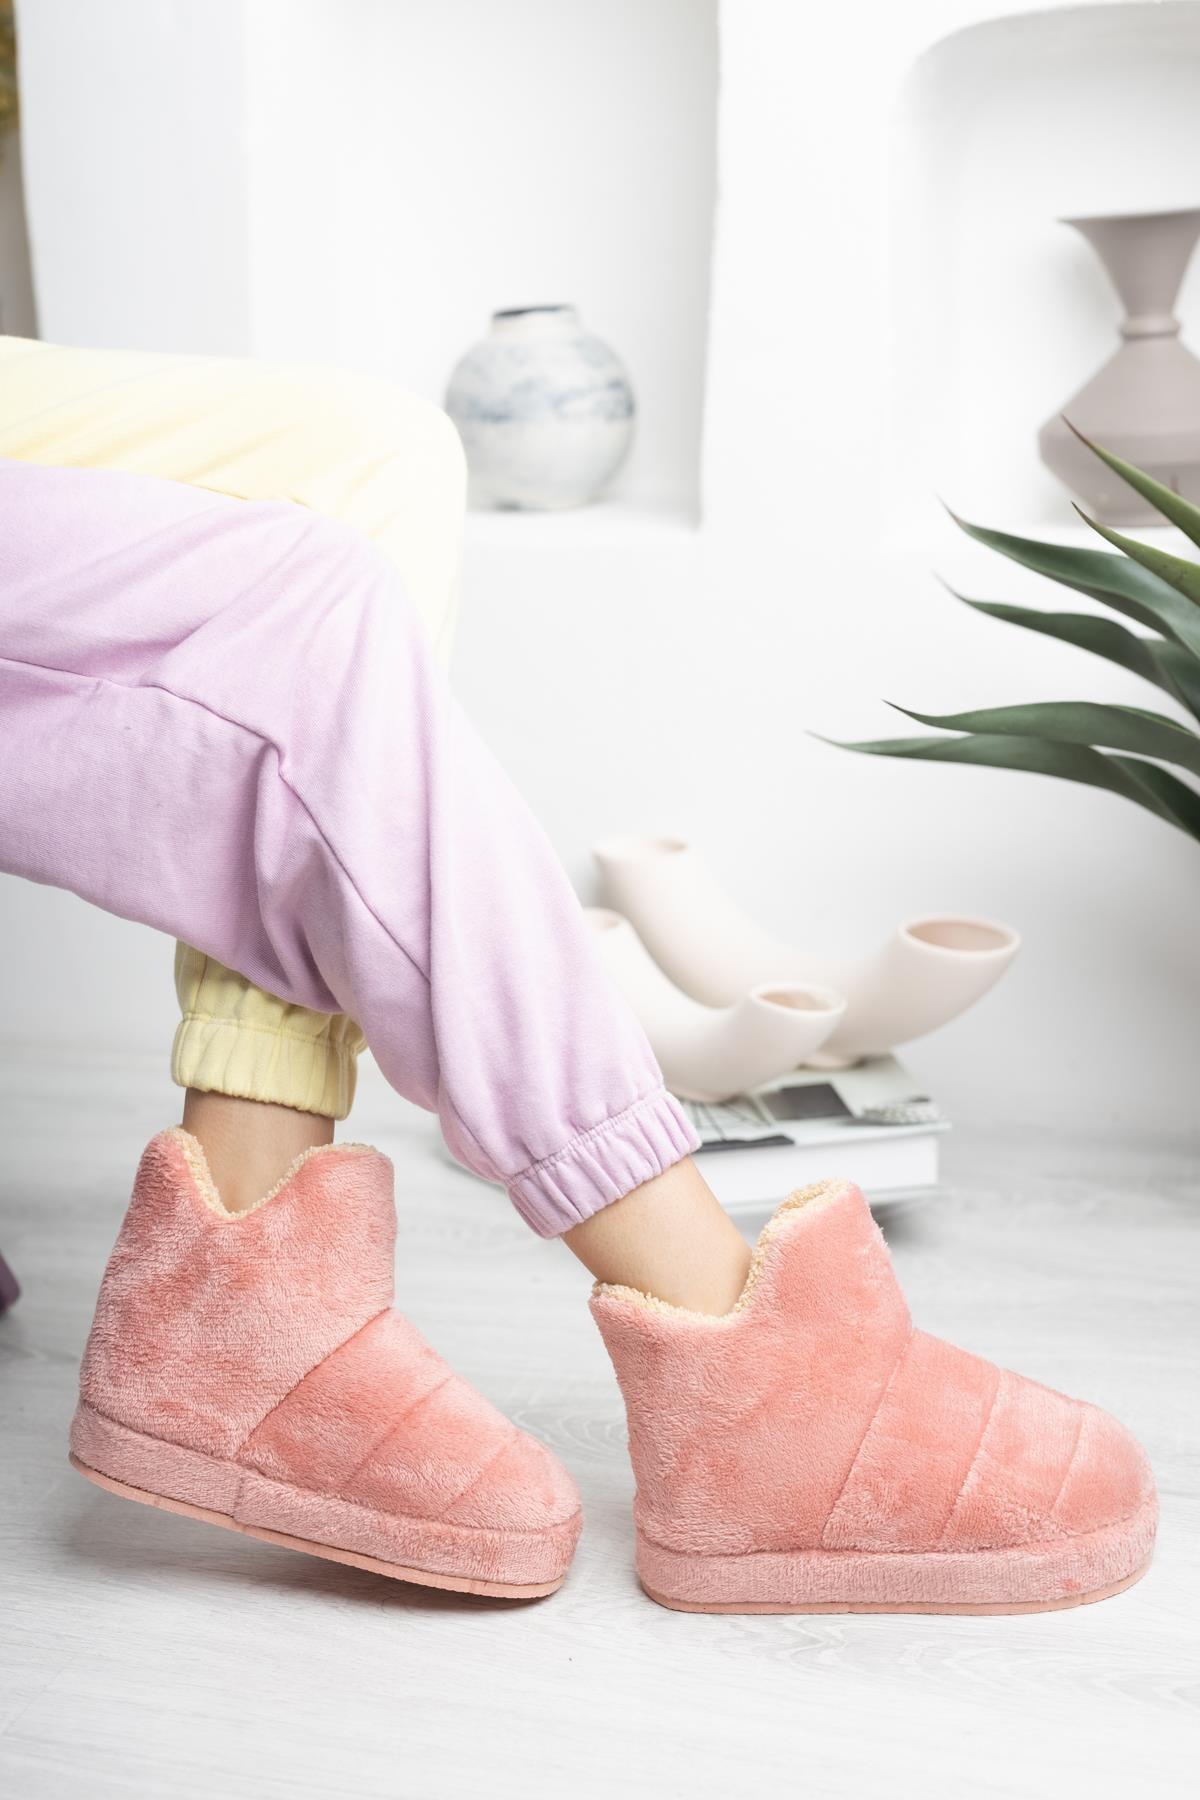 Kadın Panduf Ev Botu Ev Ayakkabısı Kalın Hafif Taban